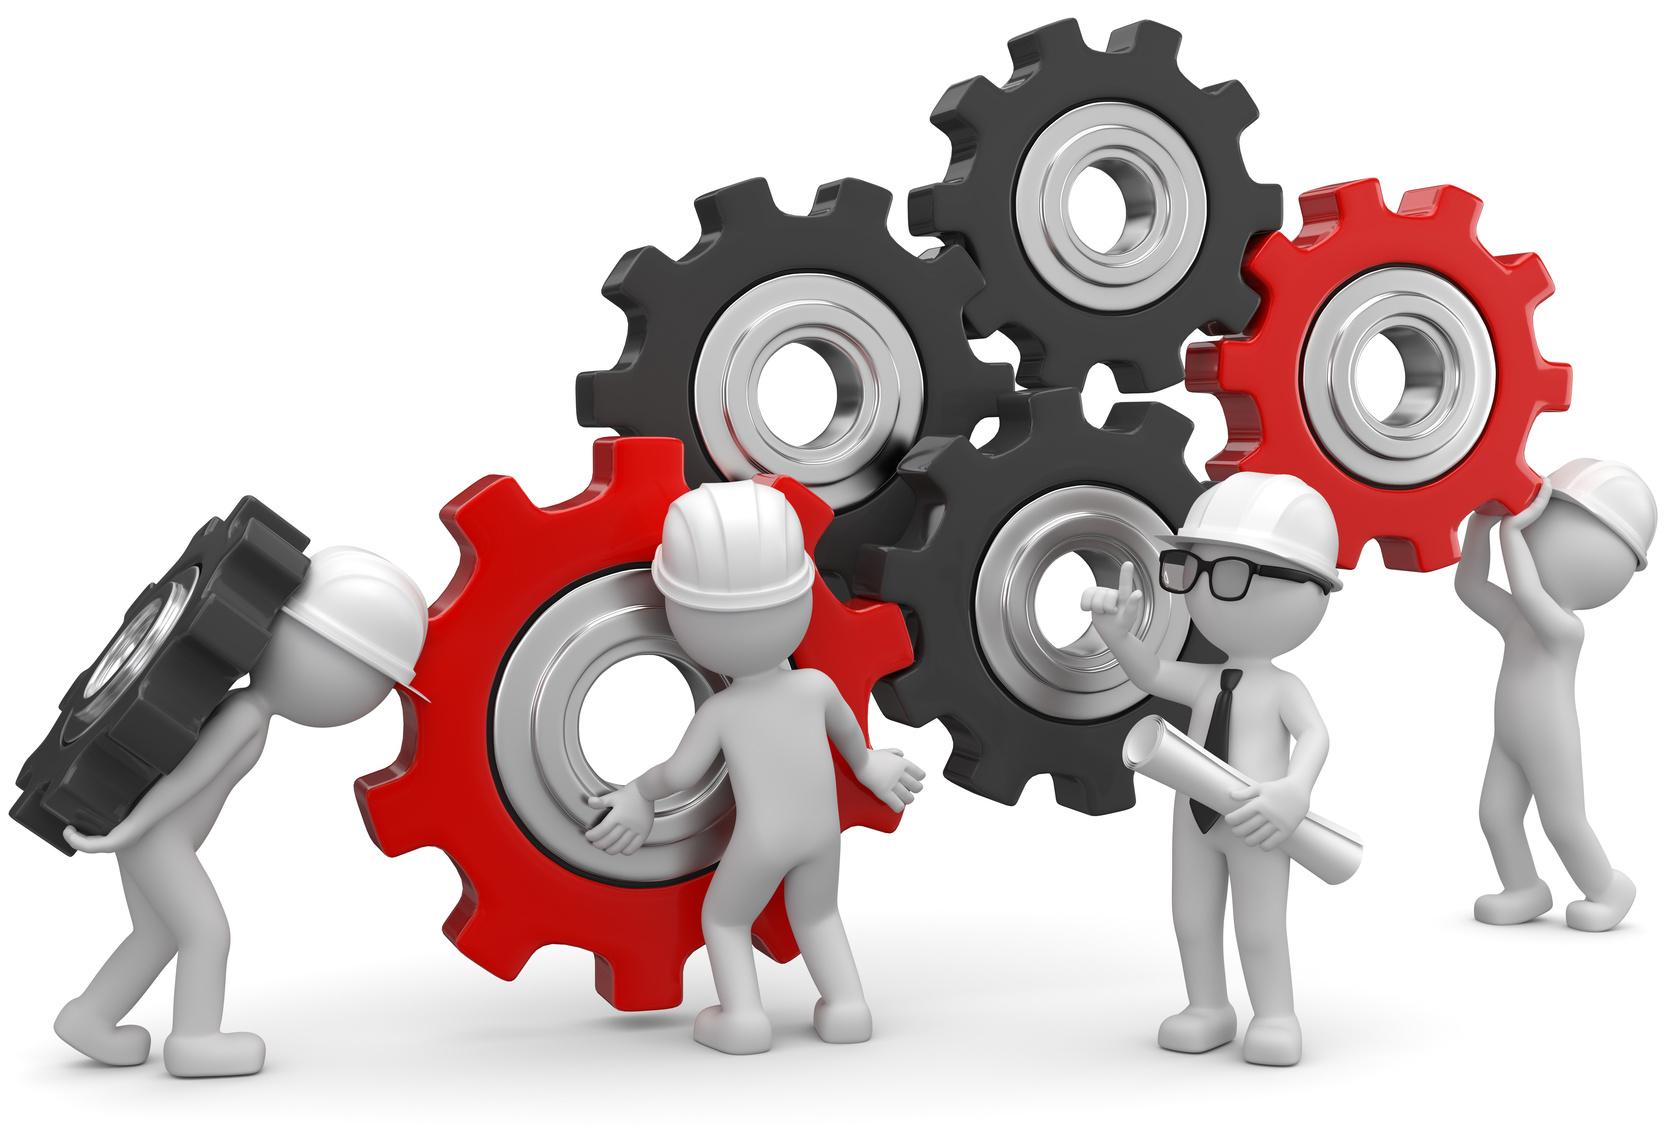 Projektsteuerung für IT-Projekte